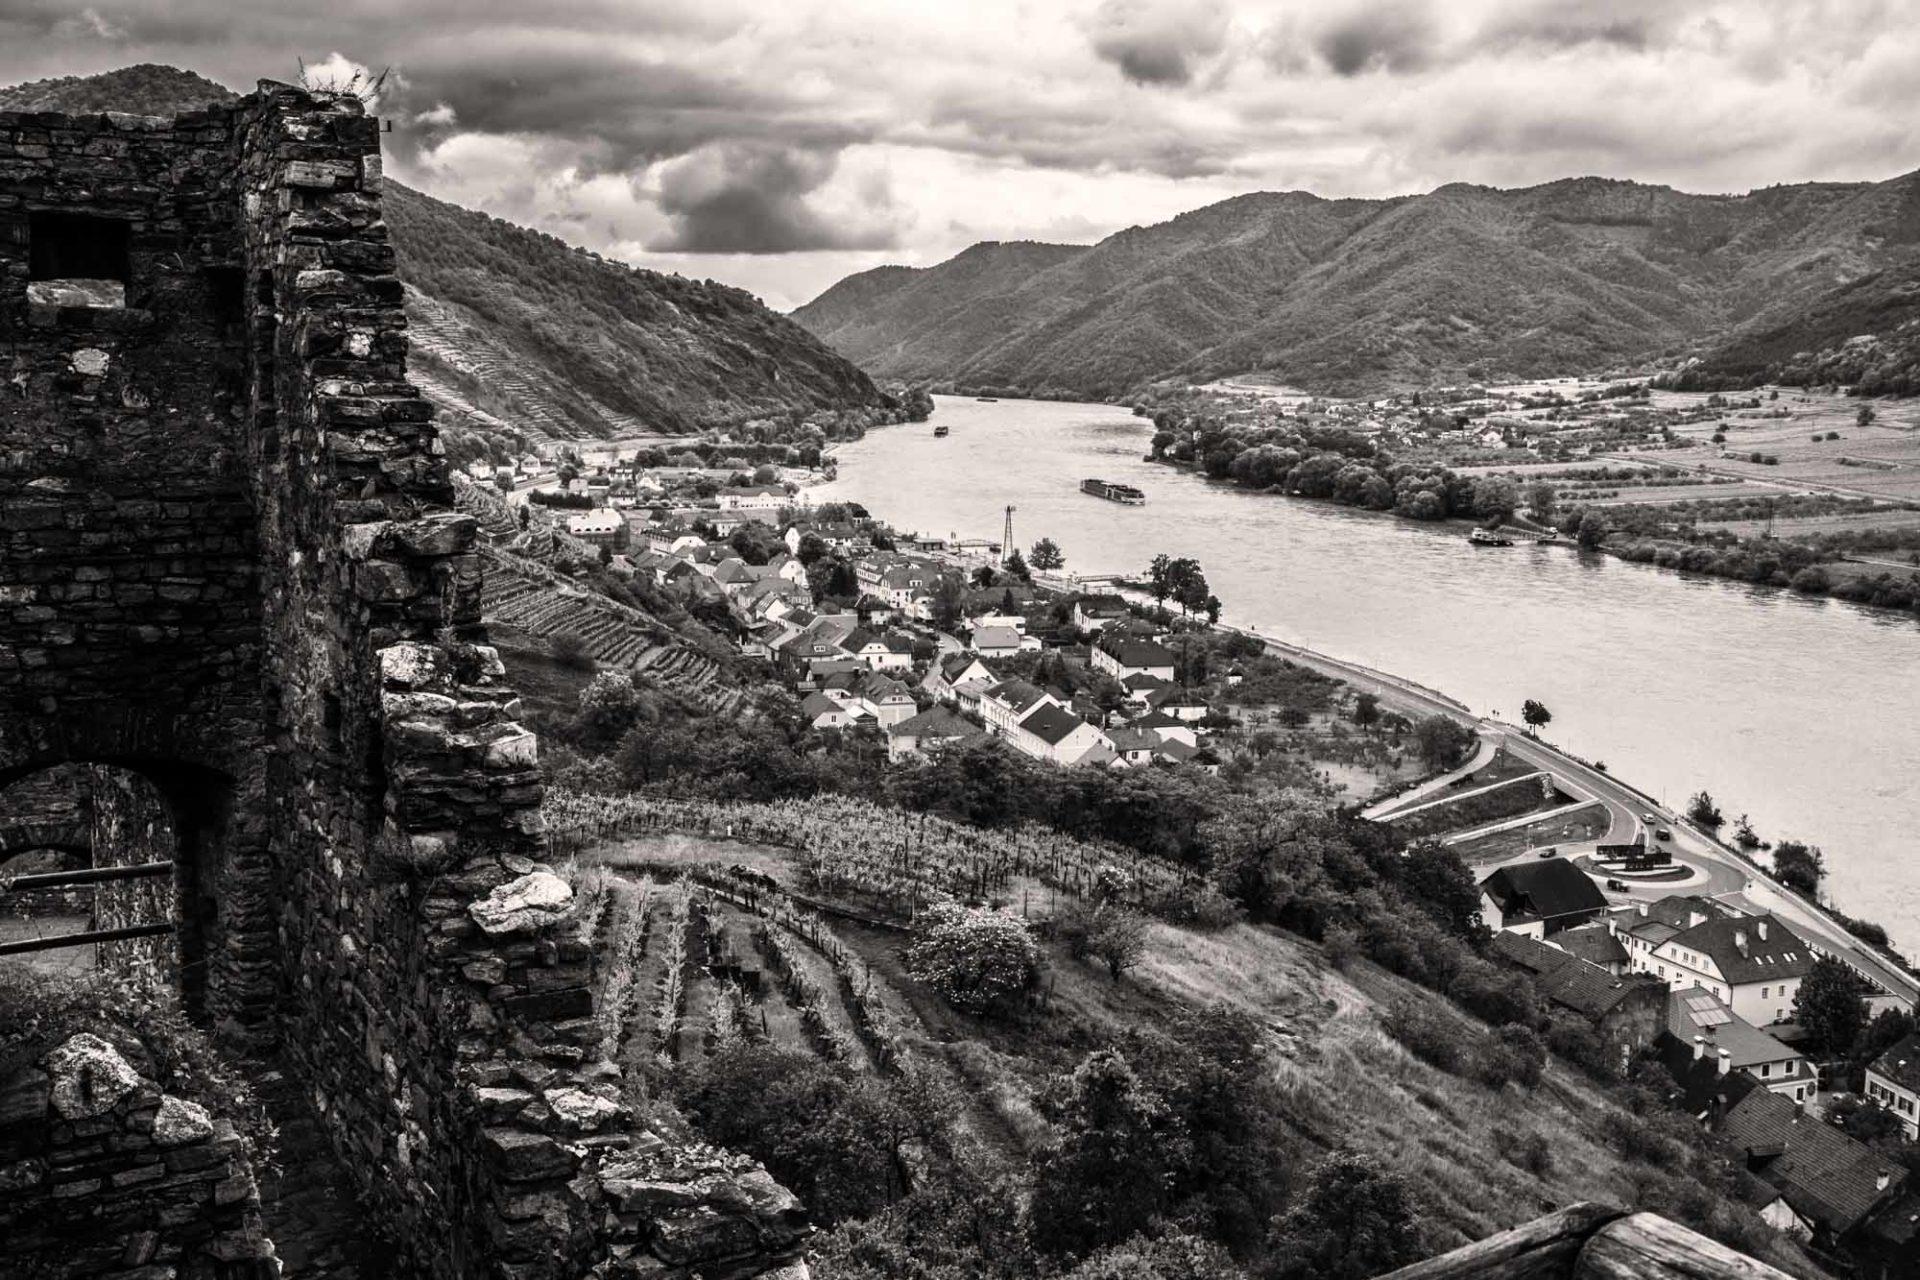 Kalender Landschaften Schwarz-Weiß